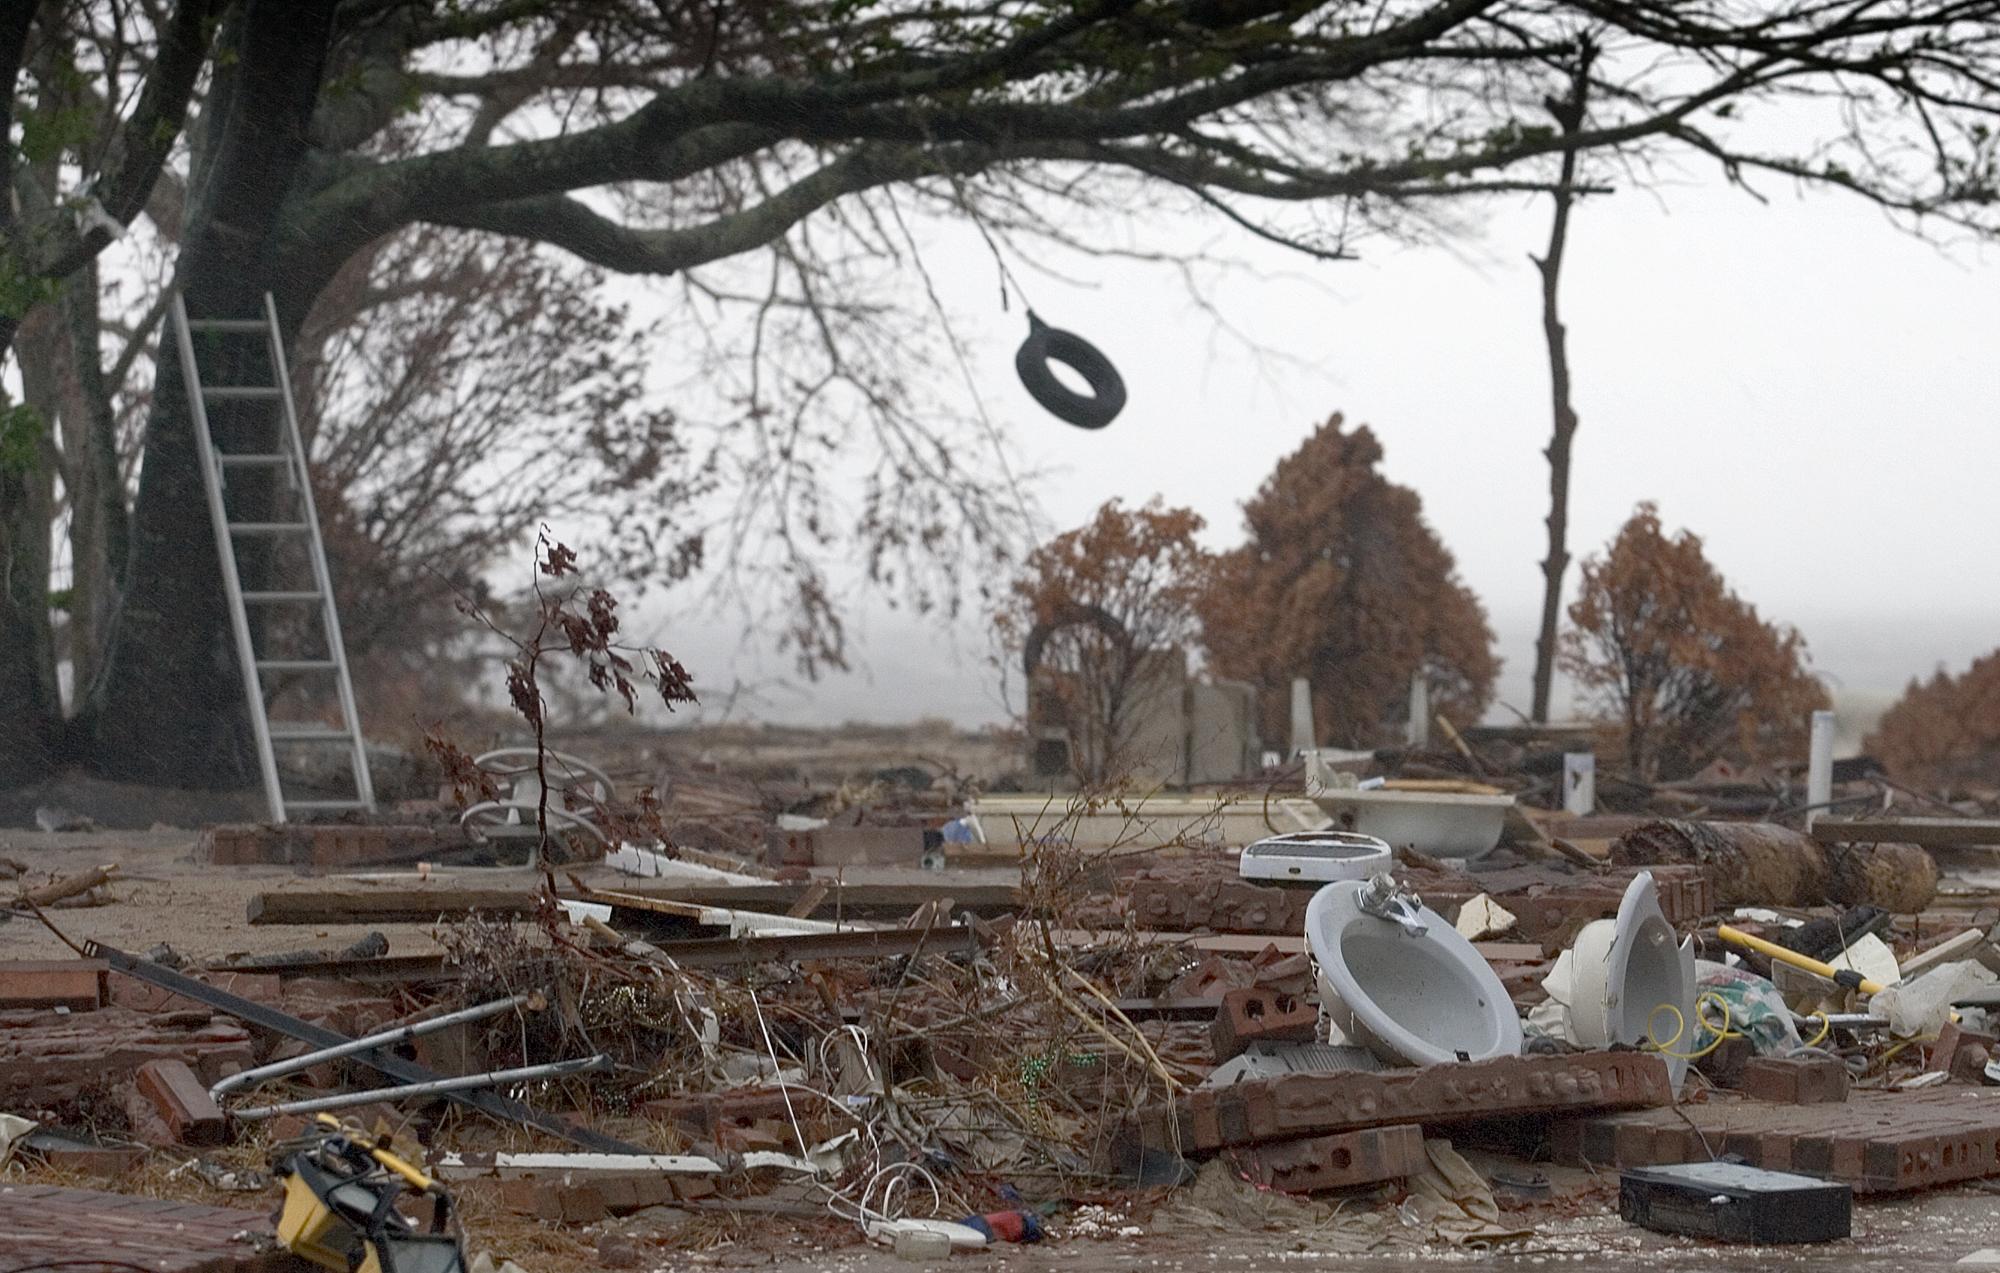 Un neumático se balancea por el viento del huracán Rita sobre los restos de una casa frente al mar, destruida por el huracán Katrina en Ocean Springs, Mississippi. Rita tocó tierra al este de Texas el 24 de septiembre de 2005, casi cuatro semanas después de que Katrina azotara Louisiana y Mississippi. Foto de Mike DuBose, Noticias MU.